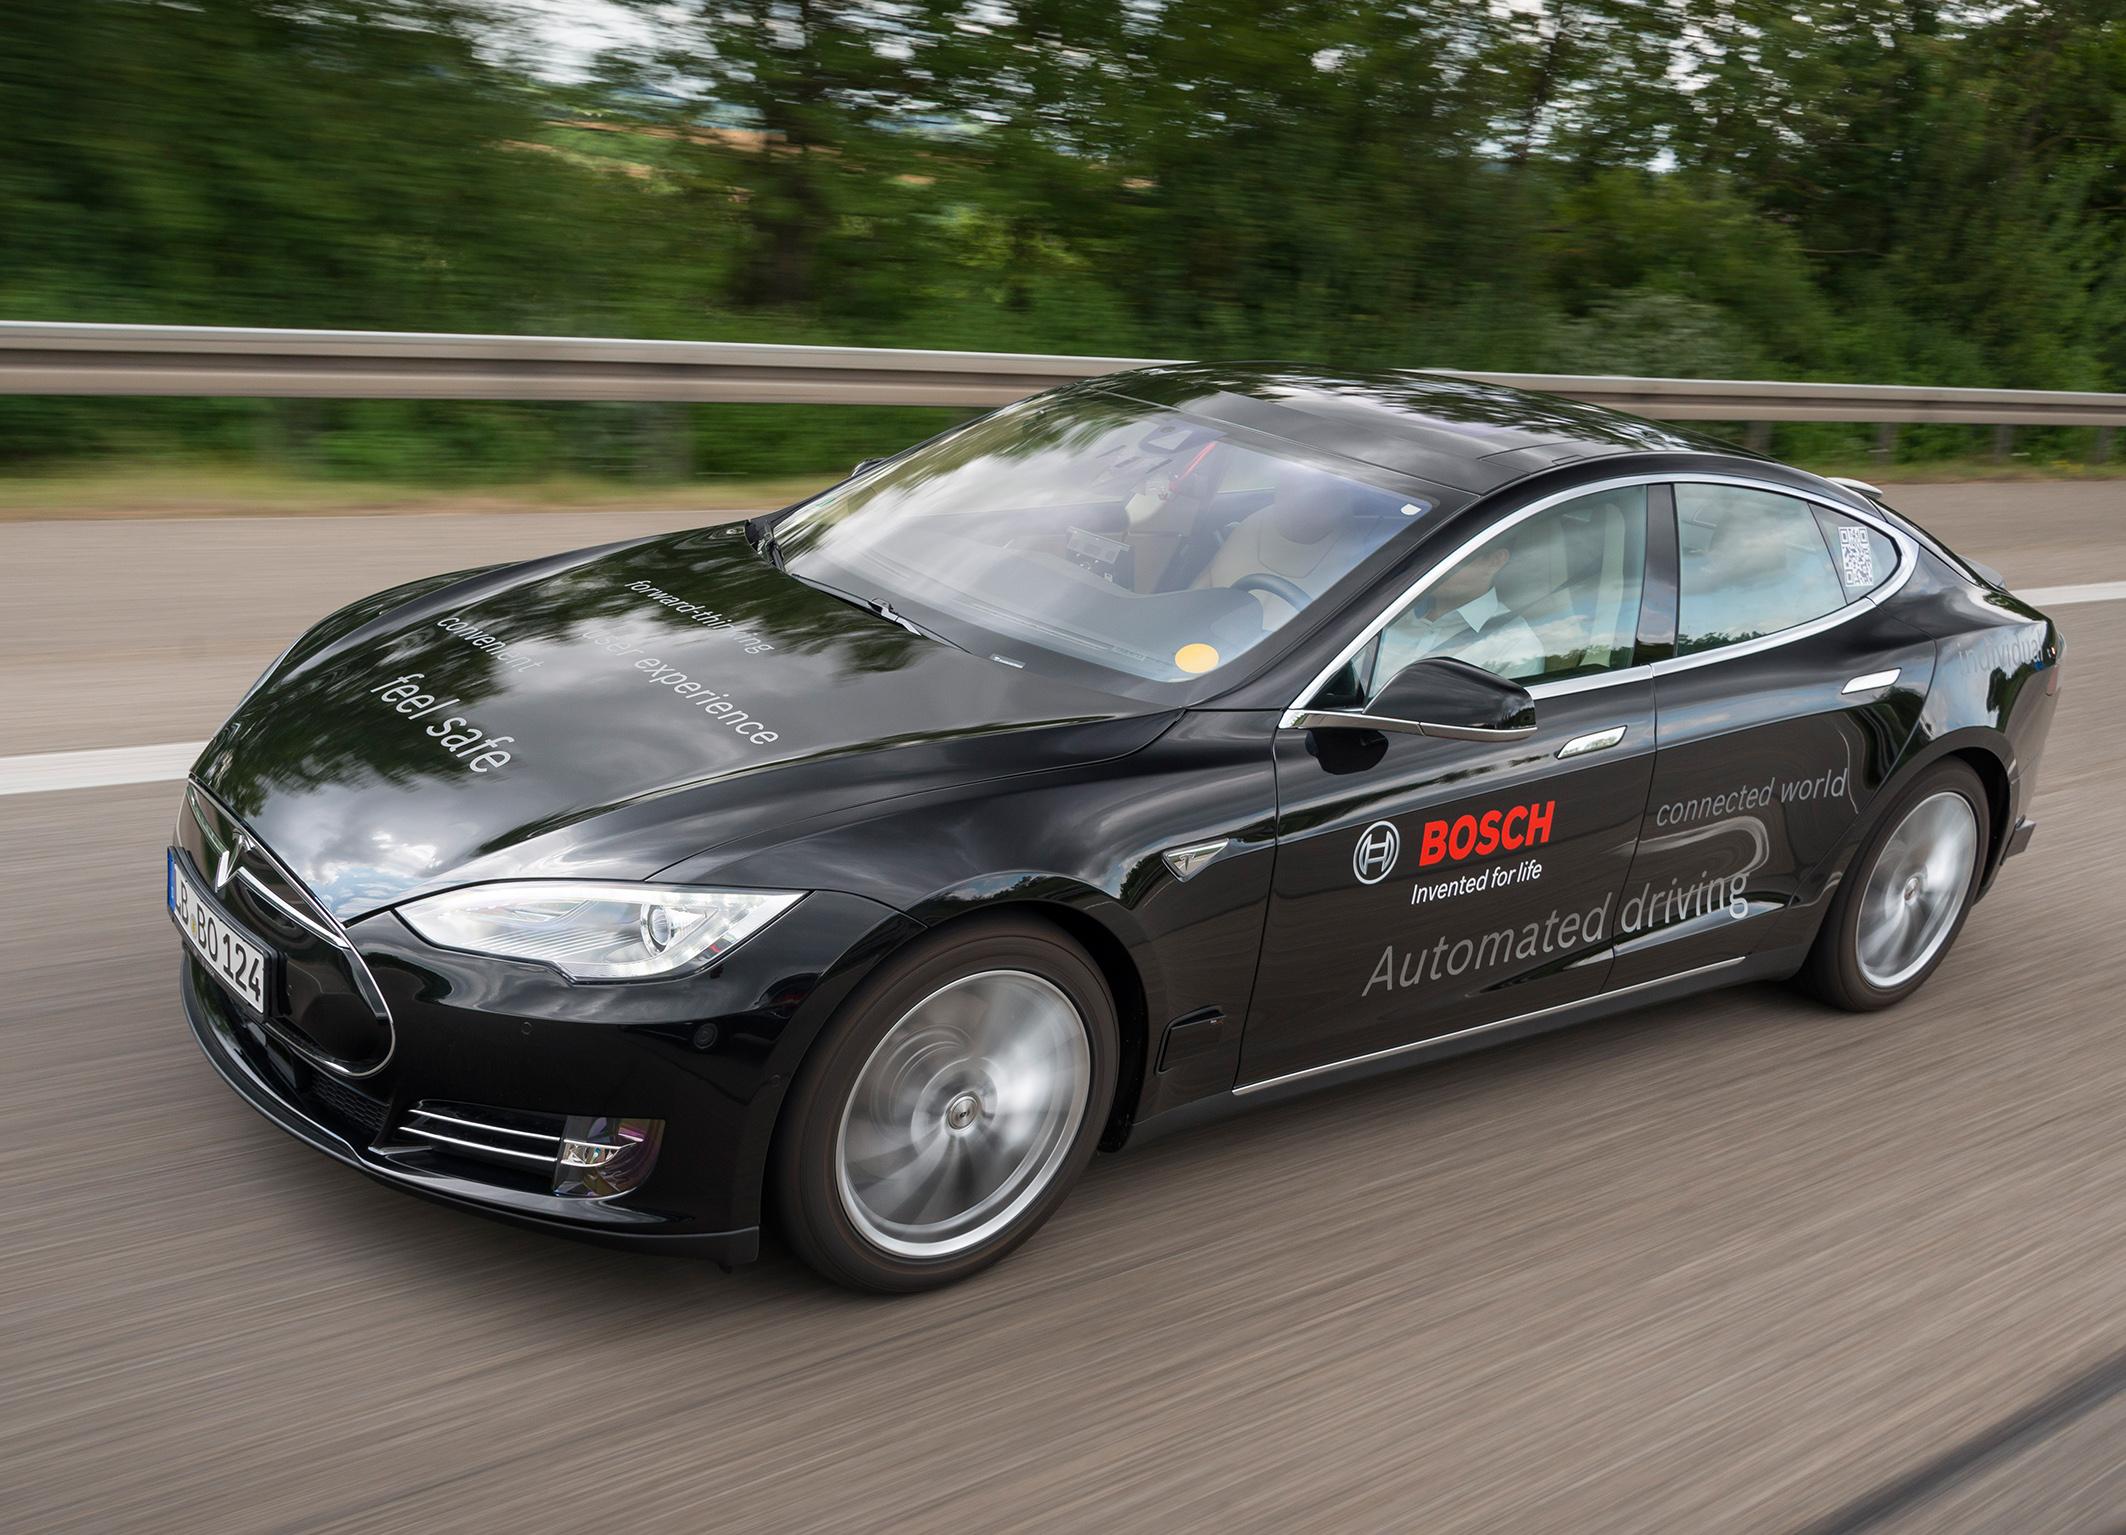 Bosch e guida autonoma: test in Giappone